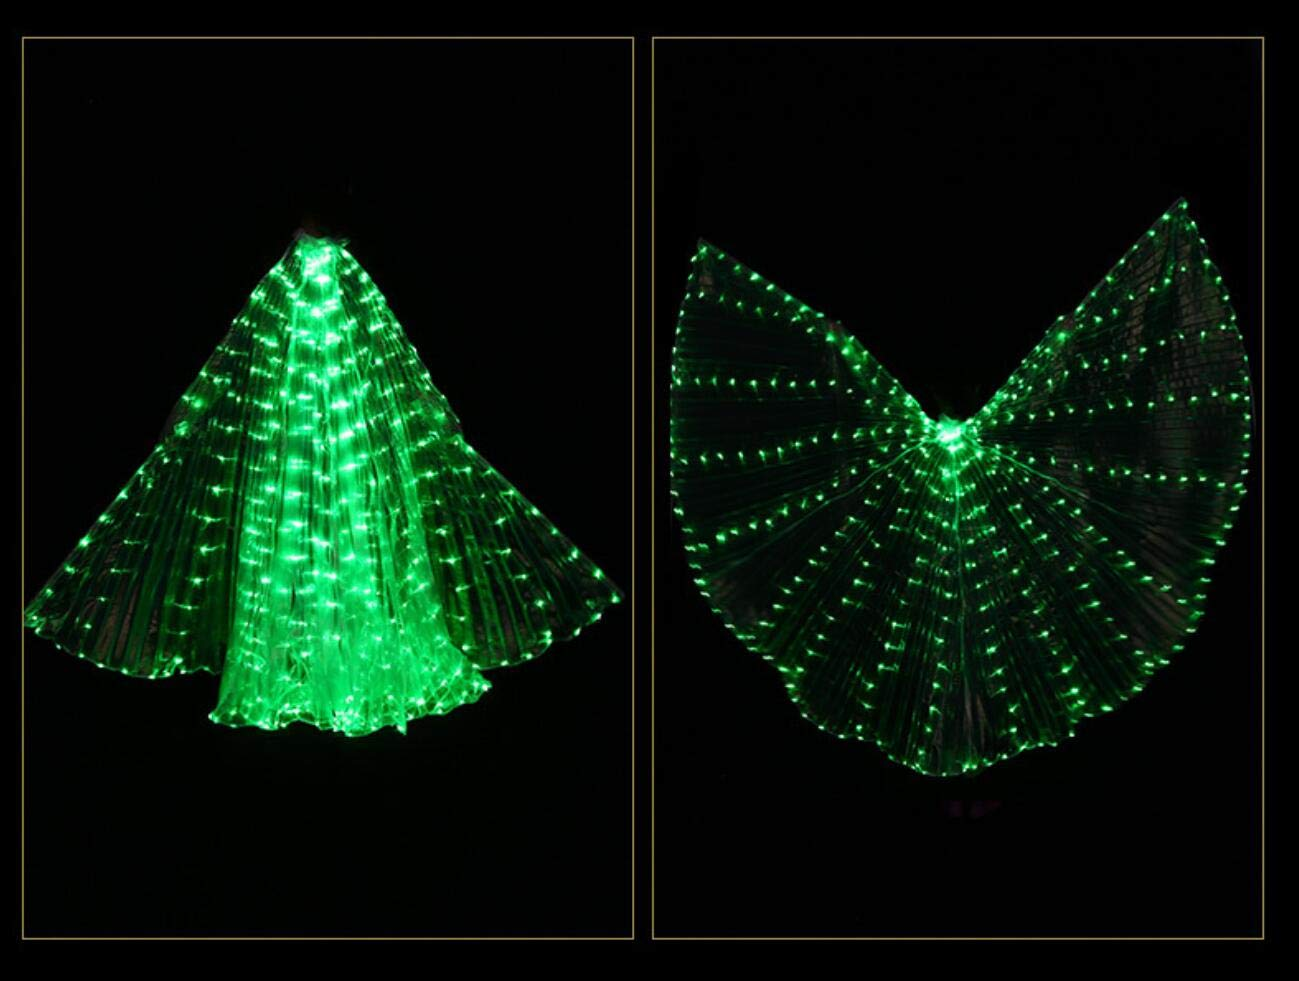 Z&X Eröffnung der Tanzfeier Eröffnung Belly Dance LED LED LED Isis Wings mit Stöcken Rods-Wings 316 LED leuchten Licht Bühne Bühnenvorstellung B07P7DLHMC Bekleidung Am praktischsten f849c8